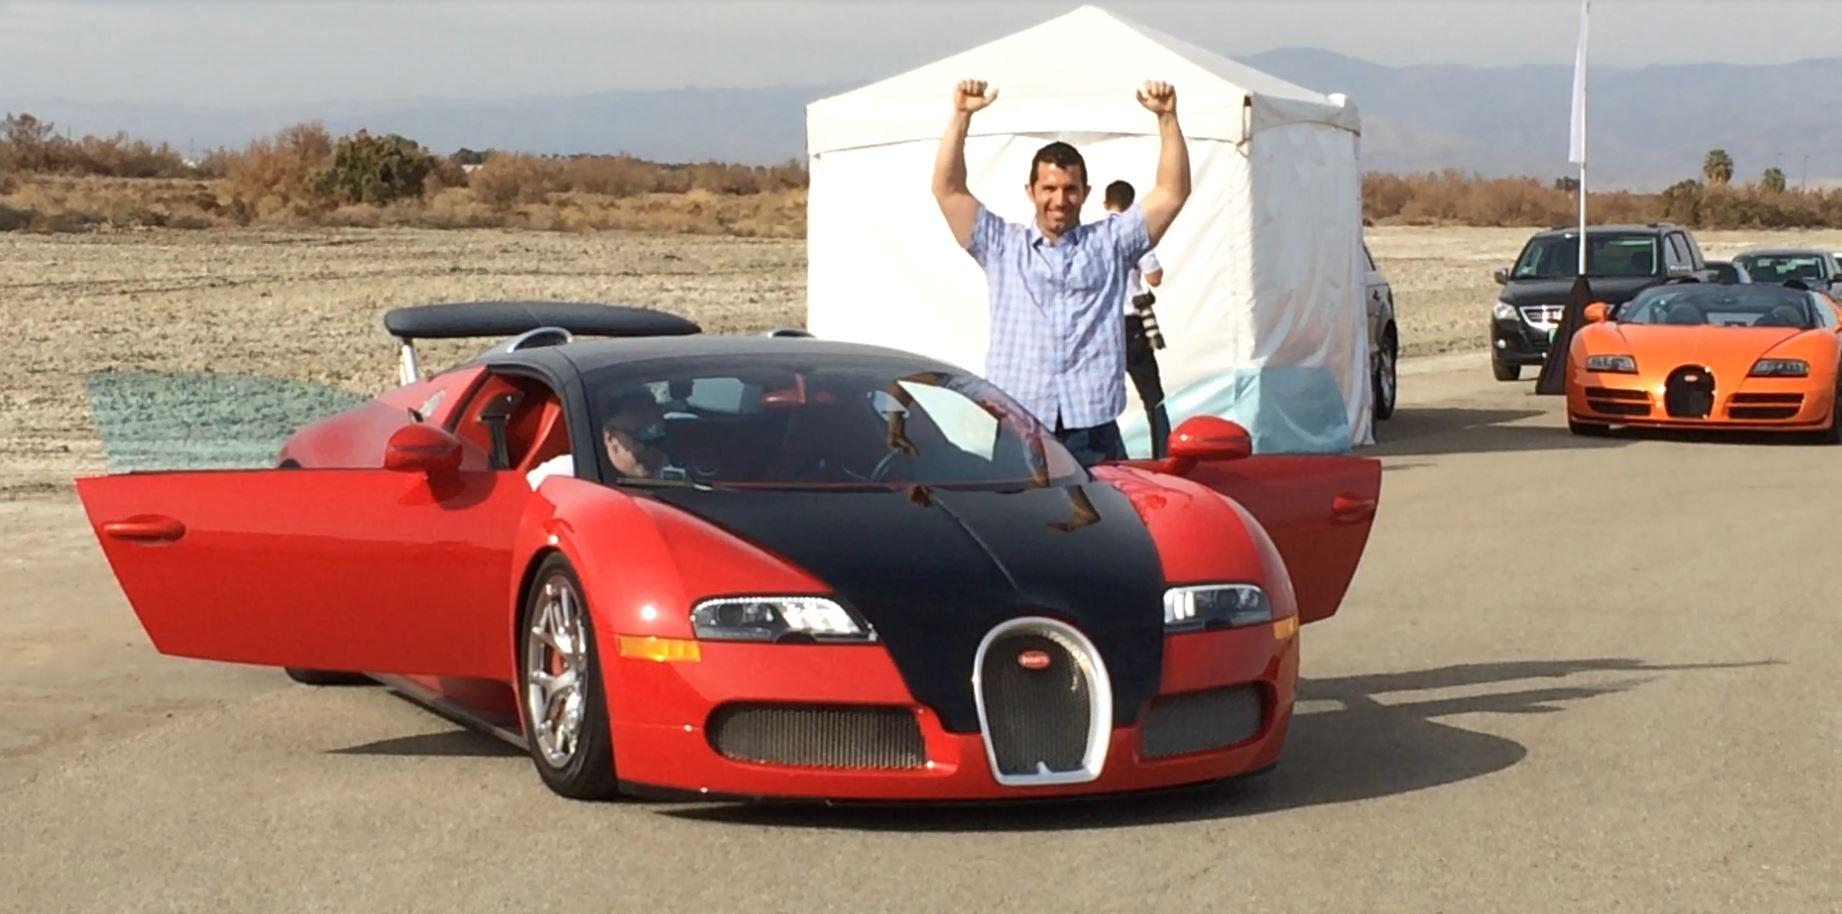 Nino_Venturella_Bugatti_Veyron.JPG